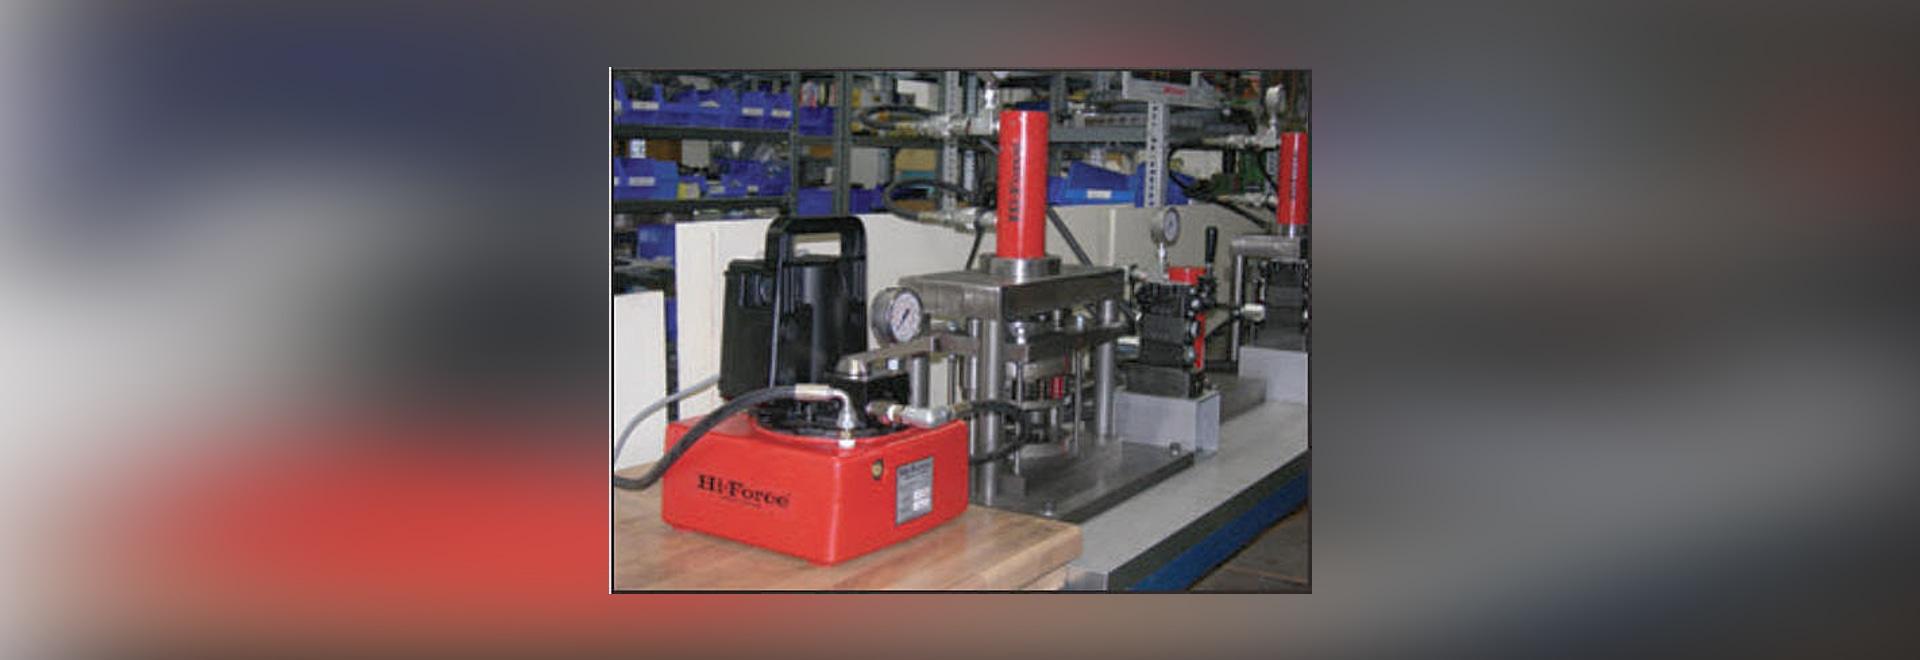 HEP103 - Pompes à deux étages conduites électriques de contrats